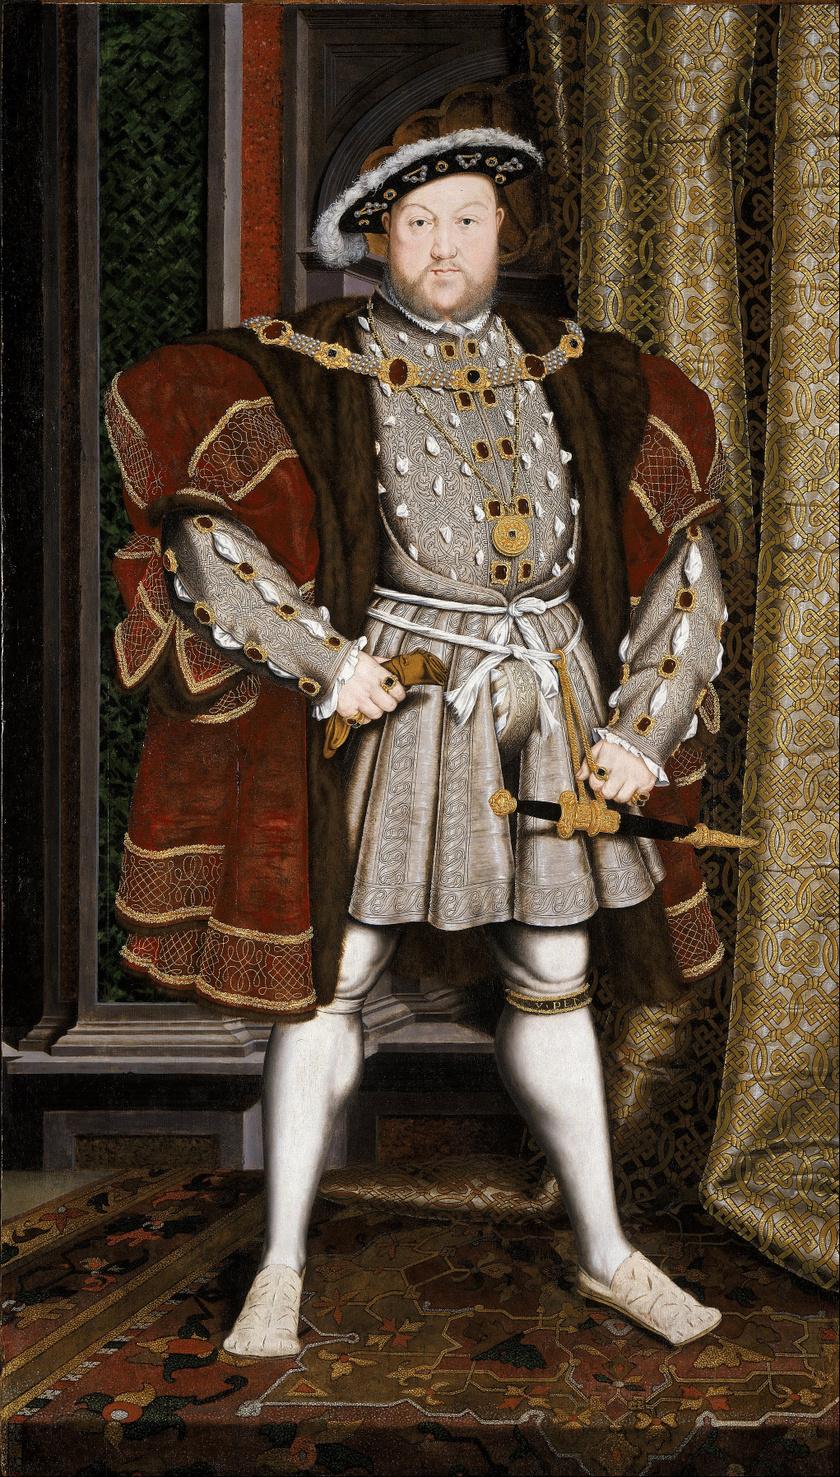 Ifj. Hans Holbein festménye VIII. Henrikről.